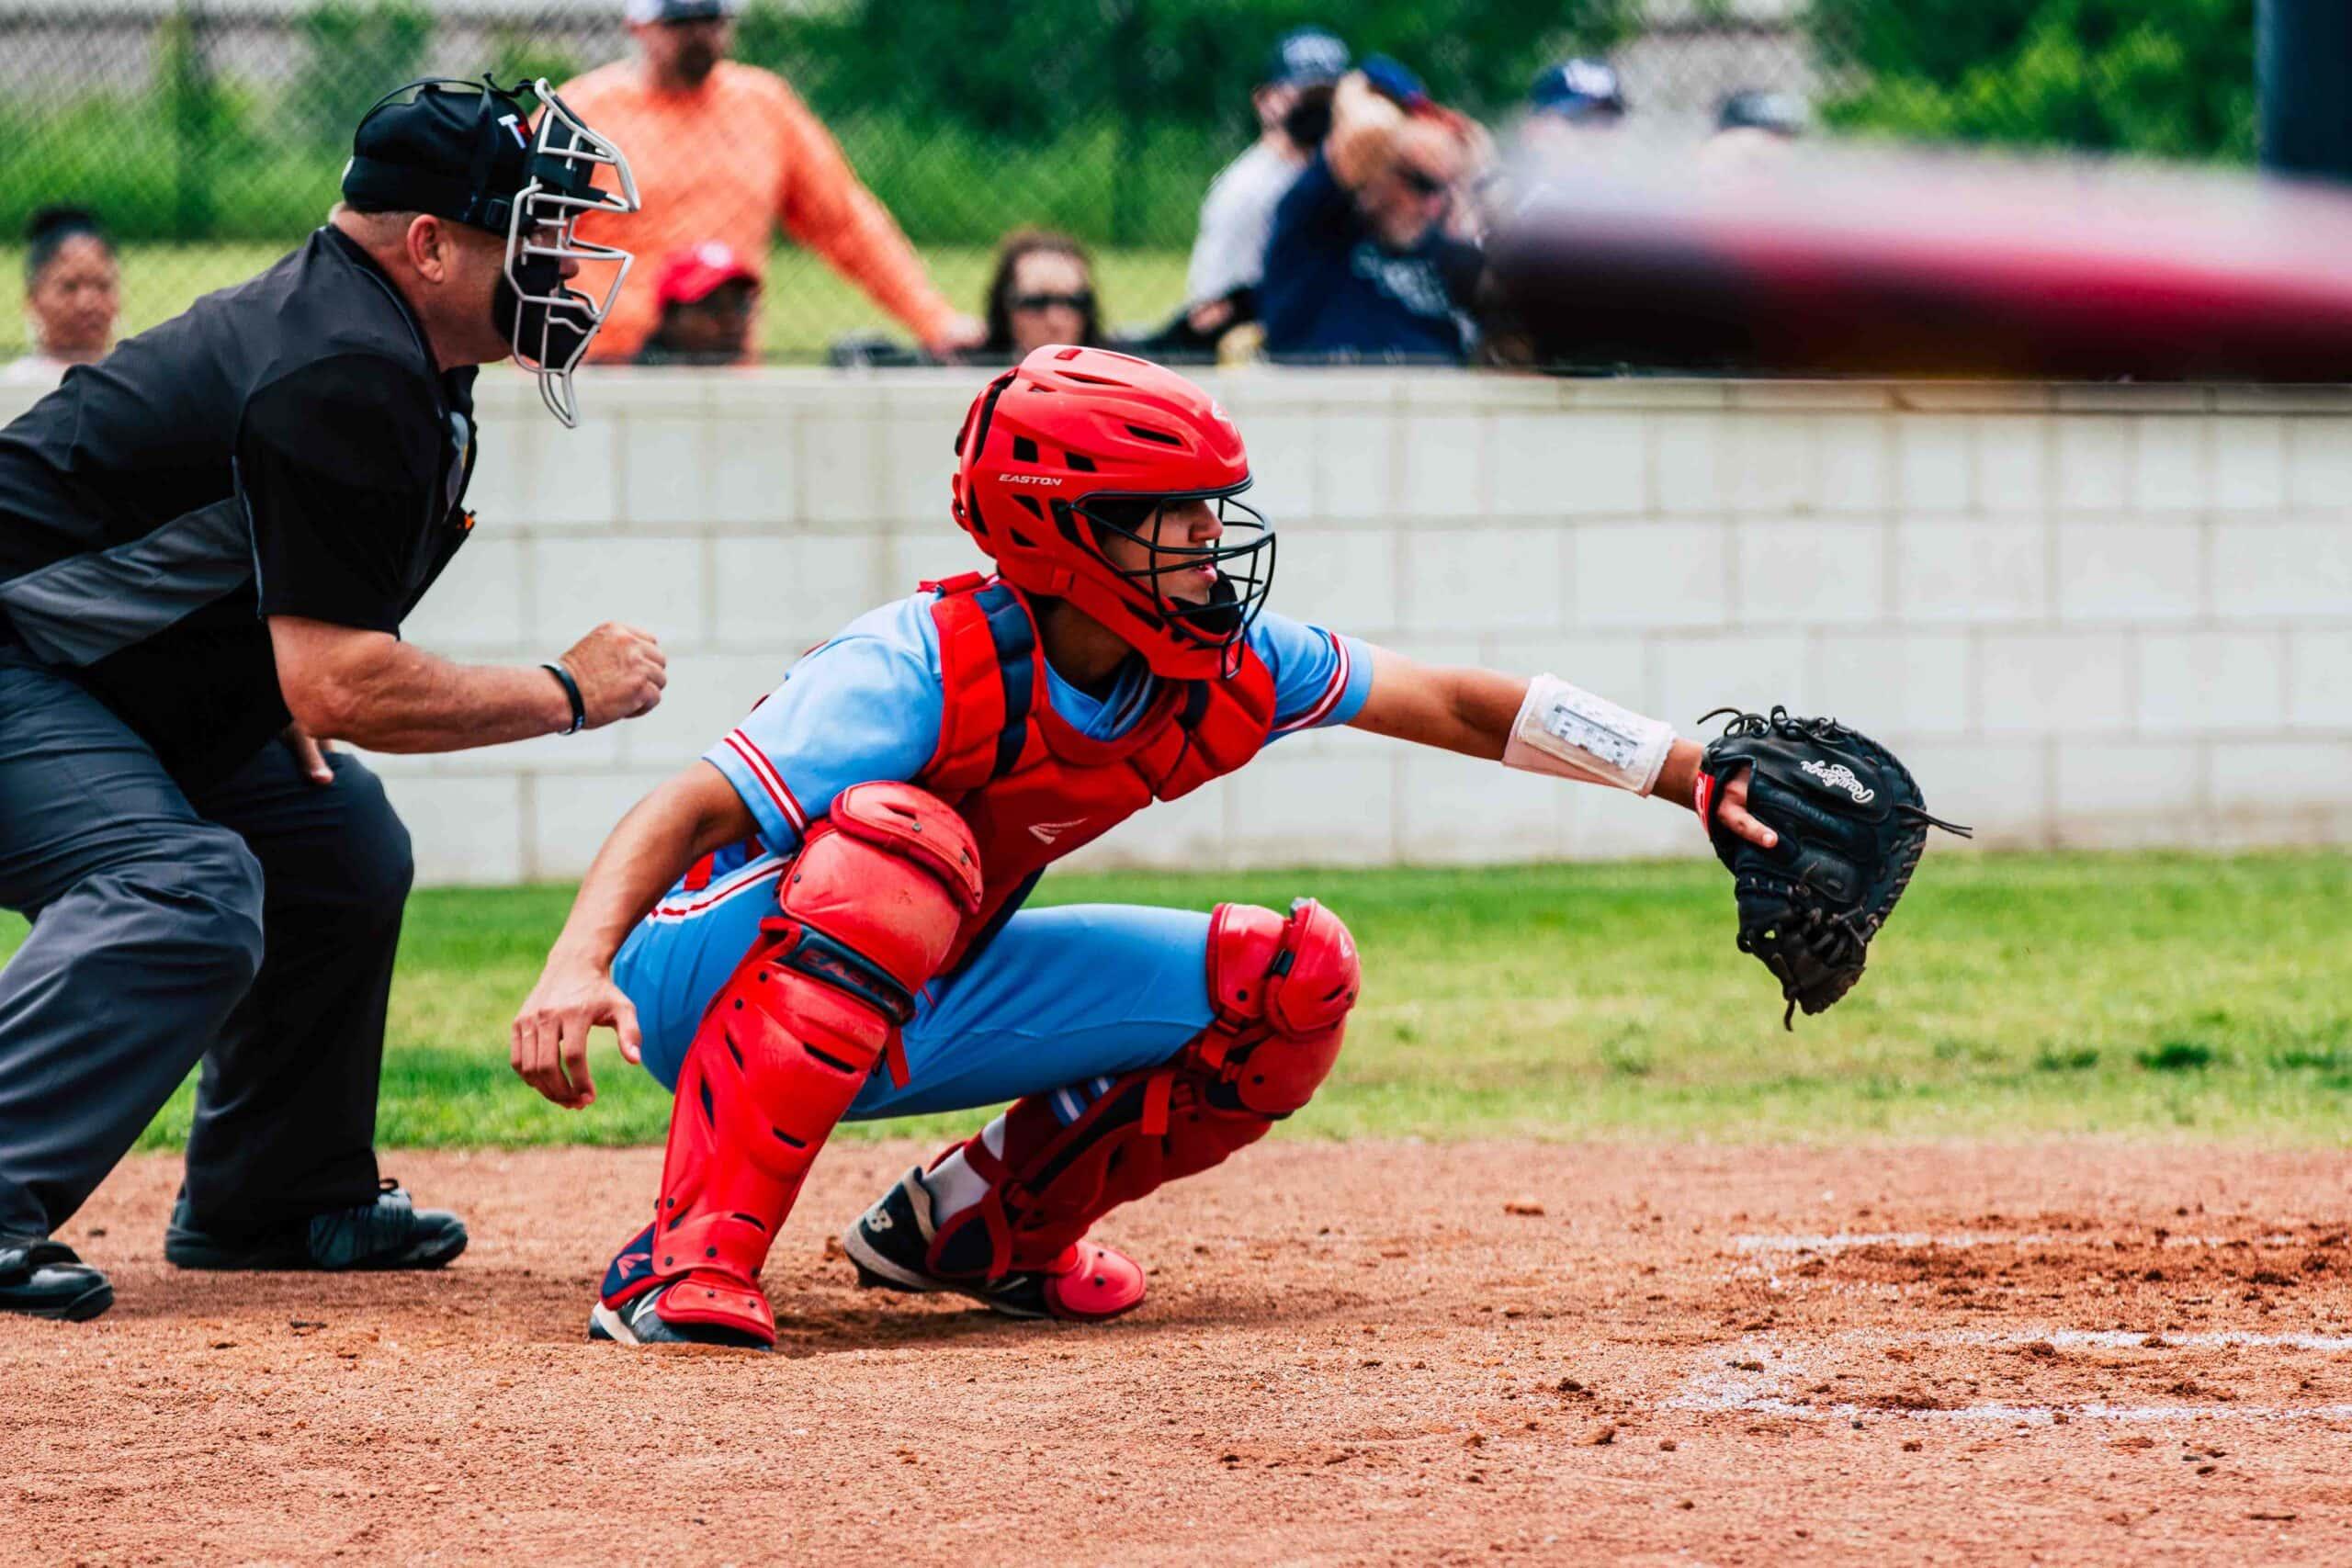 Baseball catcher over homeplate